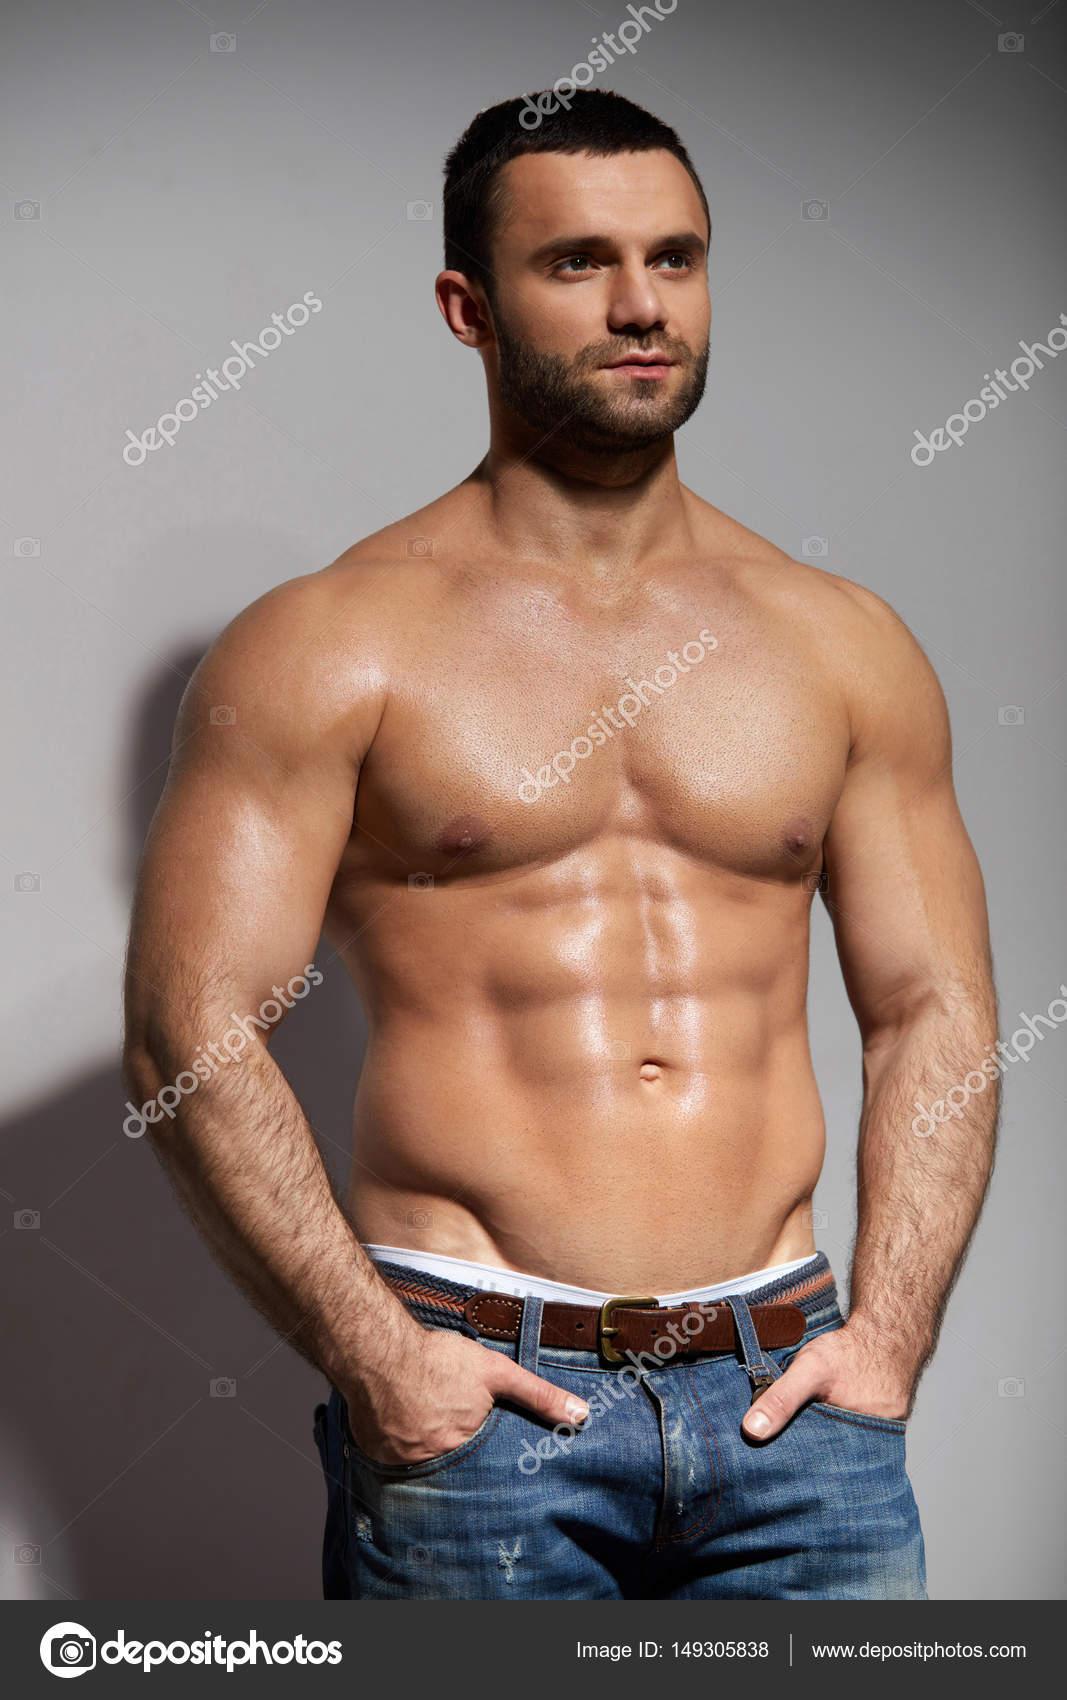 Musculer hairy guys naked